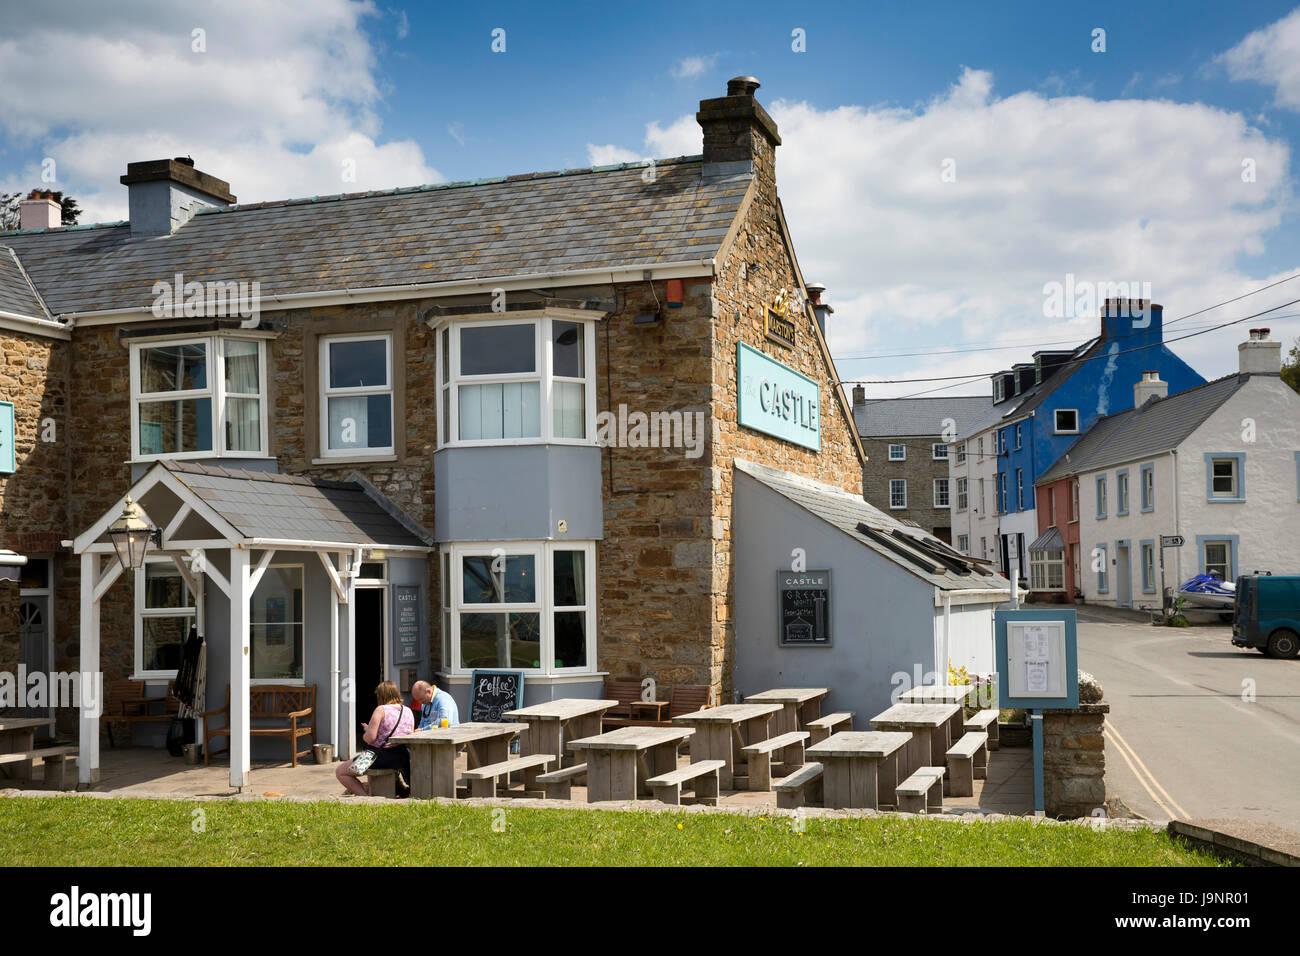 UK, Wales, Pembrokeshire, Little Haven, Grove Place, the Castle public house in village centre - Stock Image